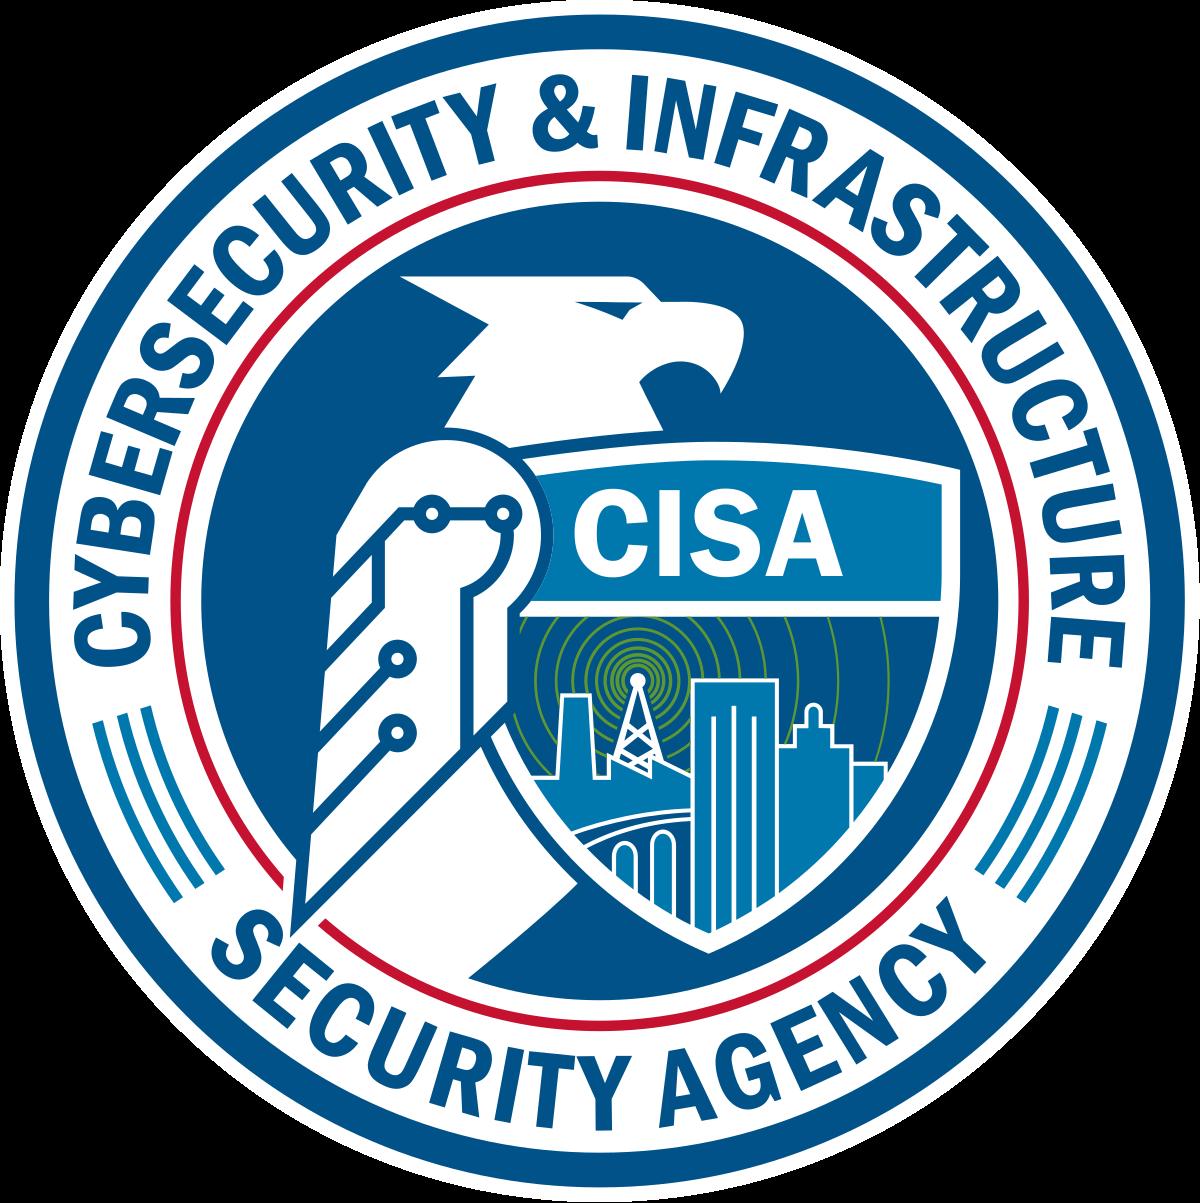 Белый дом потребовал от федеральных агентств США разрешить CISA доступ к средствам киберзащиты